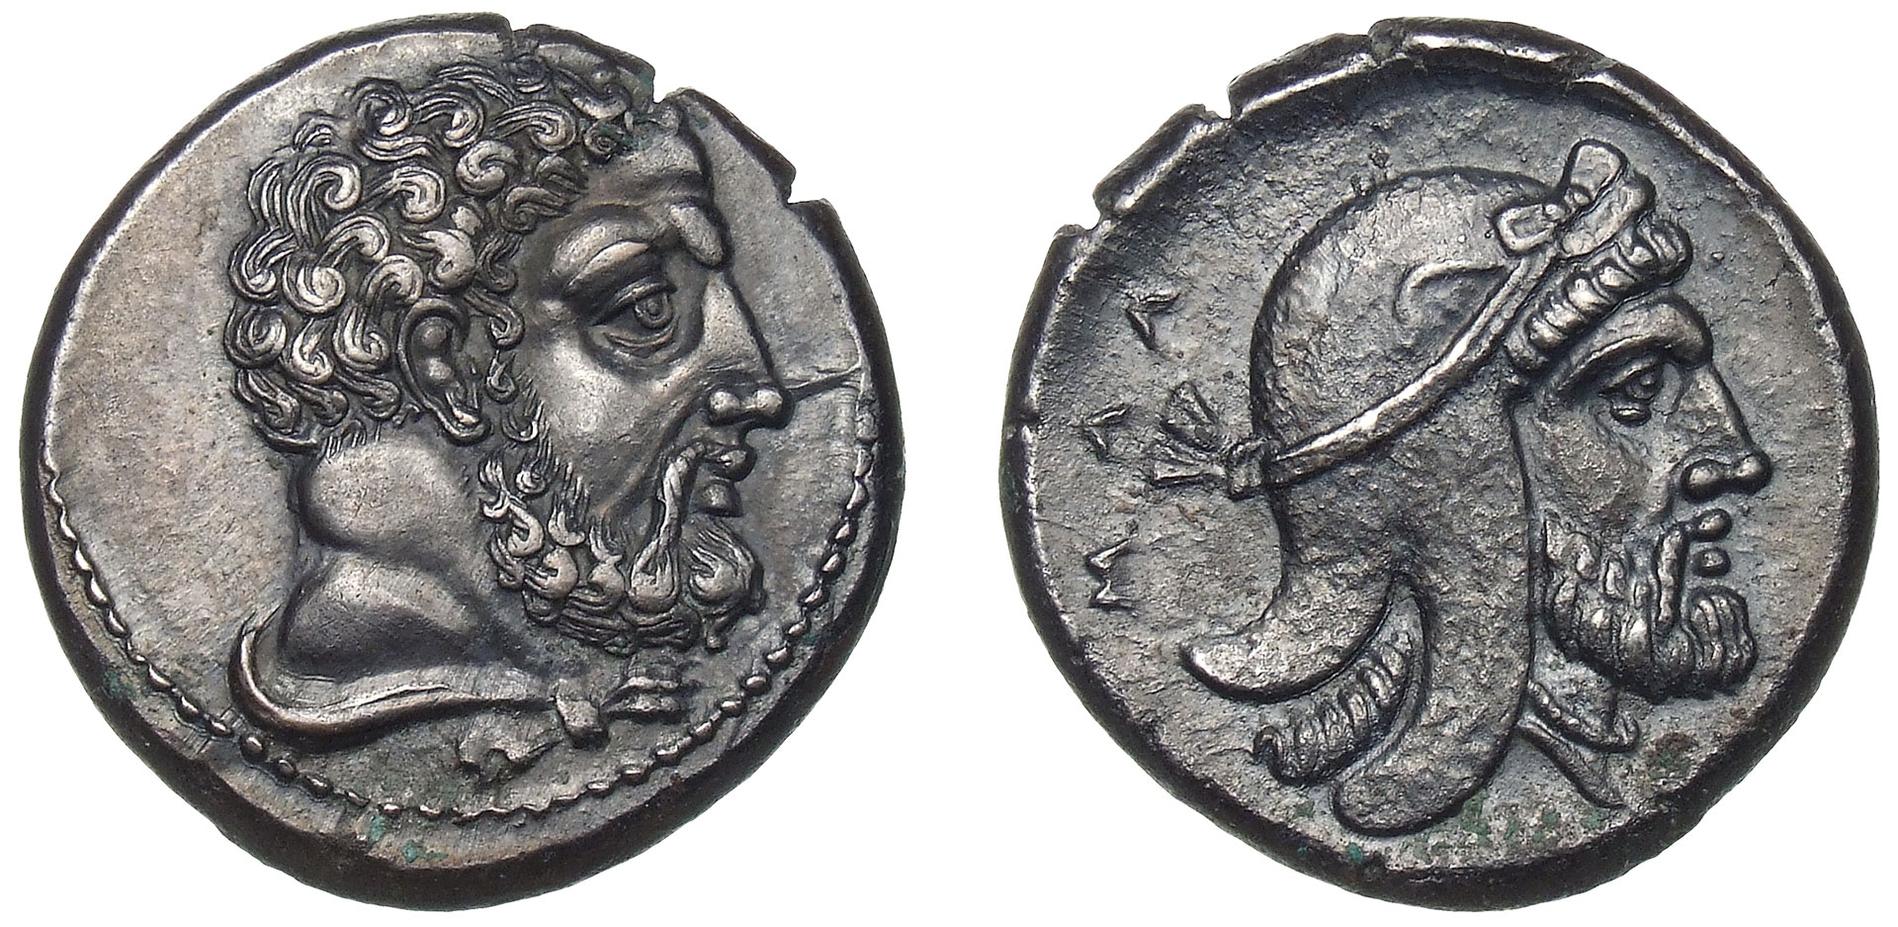 Persischer Satrap (Gouverneur). Mallos, Stater, ca. 400-375 v. Chr. © Staatliche Museen zu Berlin, Münzkabinett